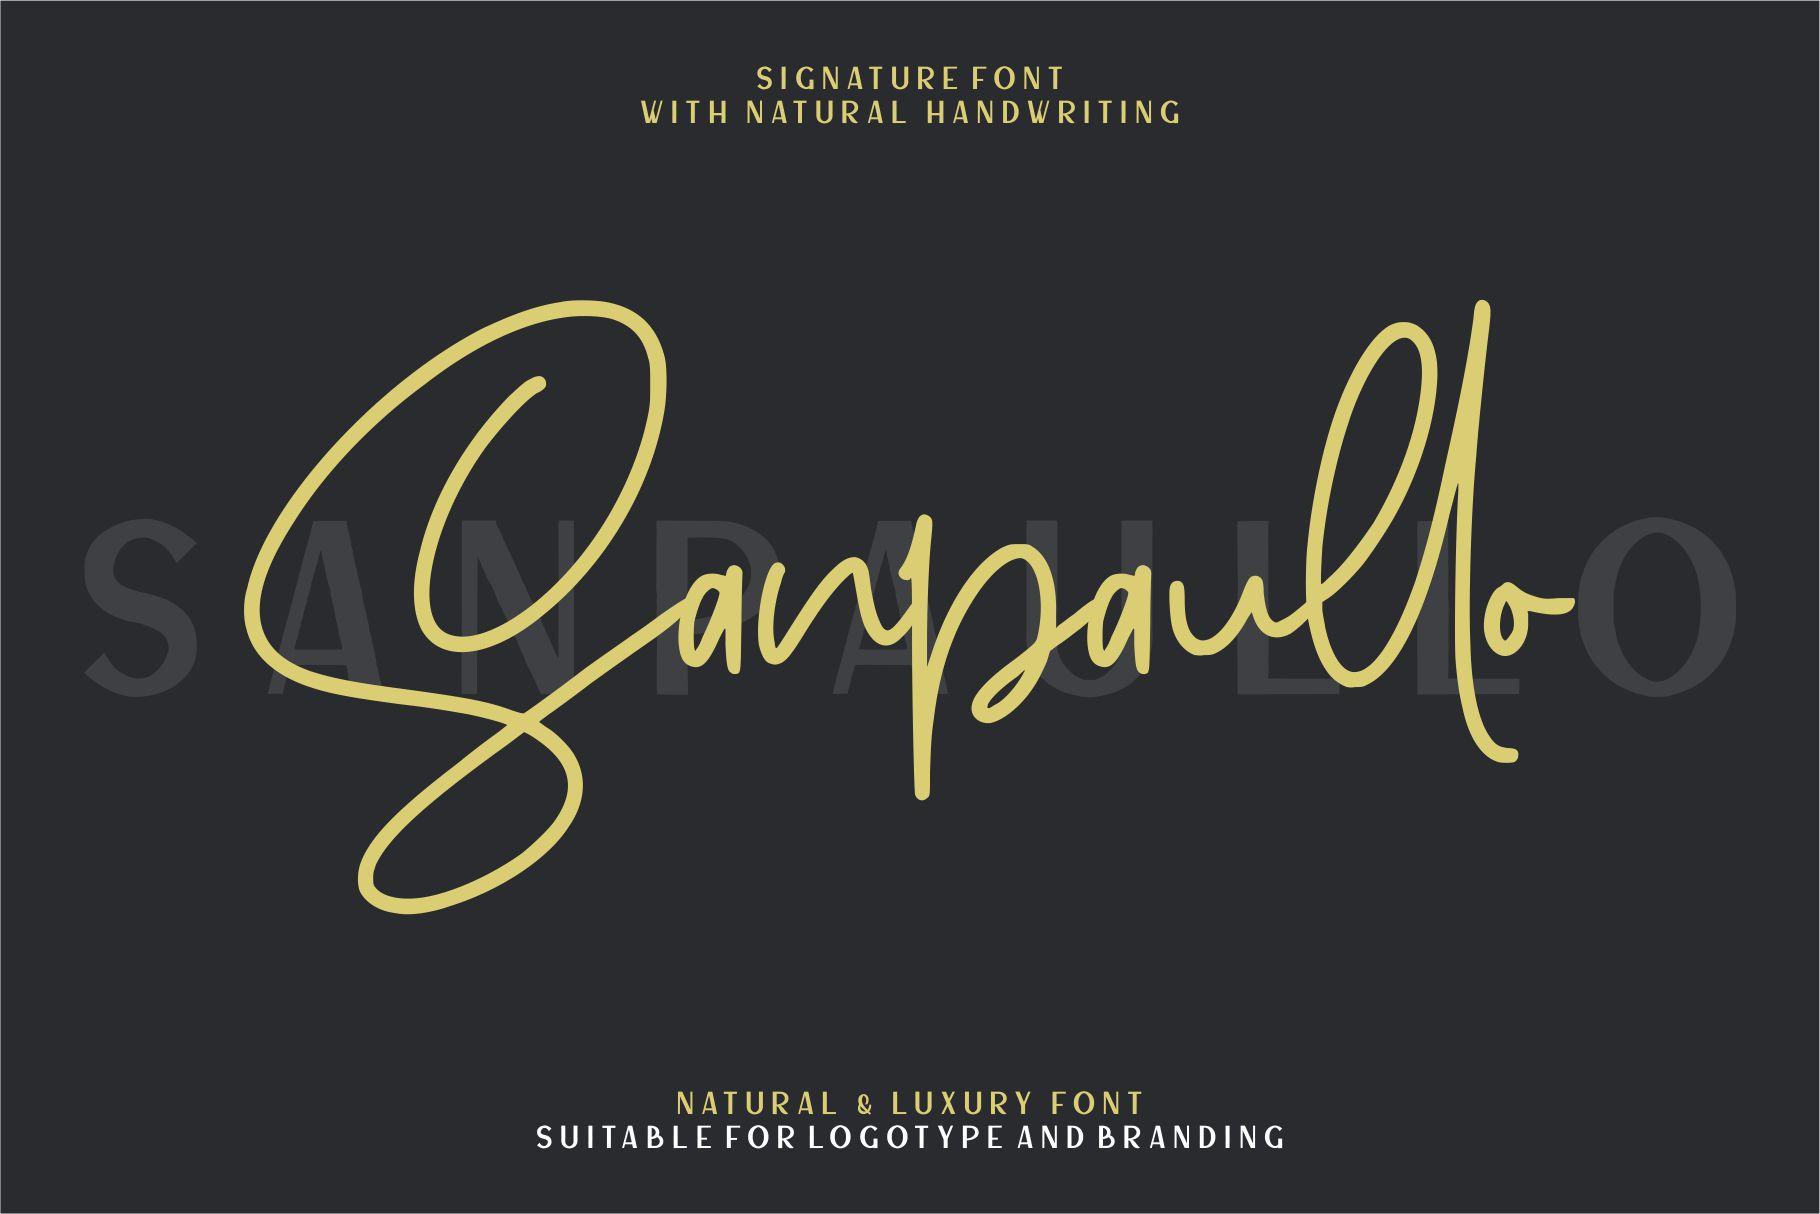 Sanpaullo - Signature Font example image 1